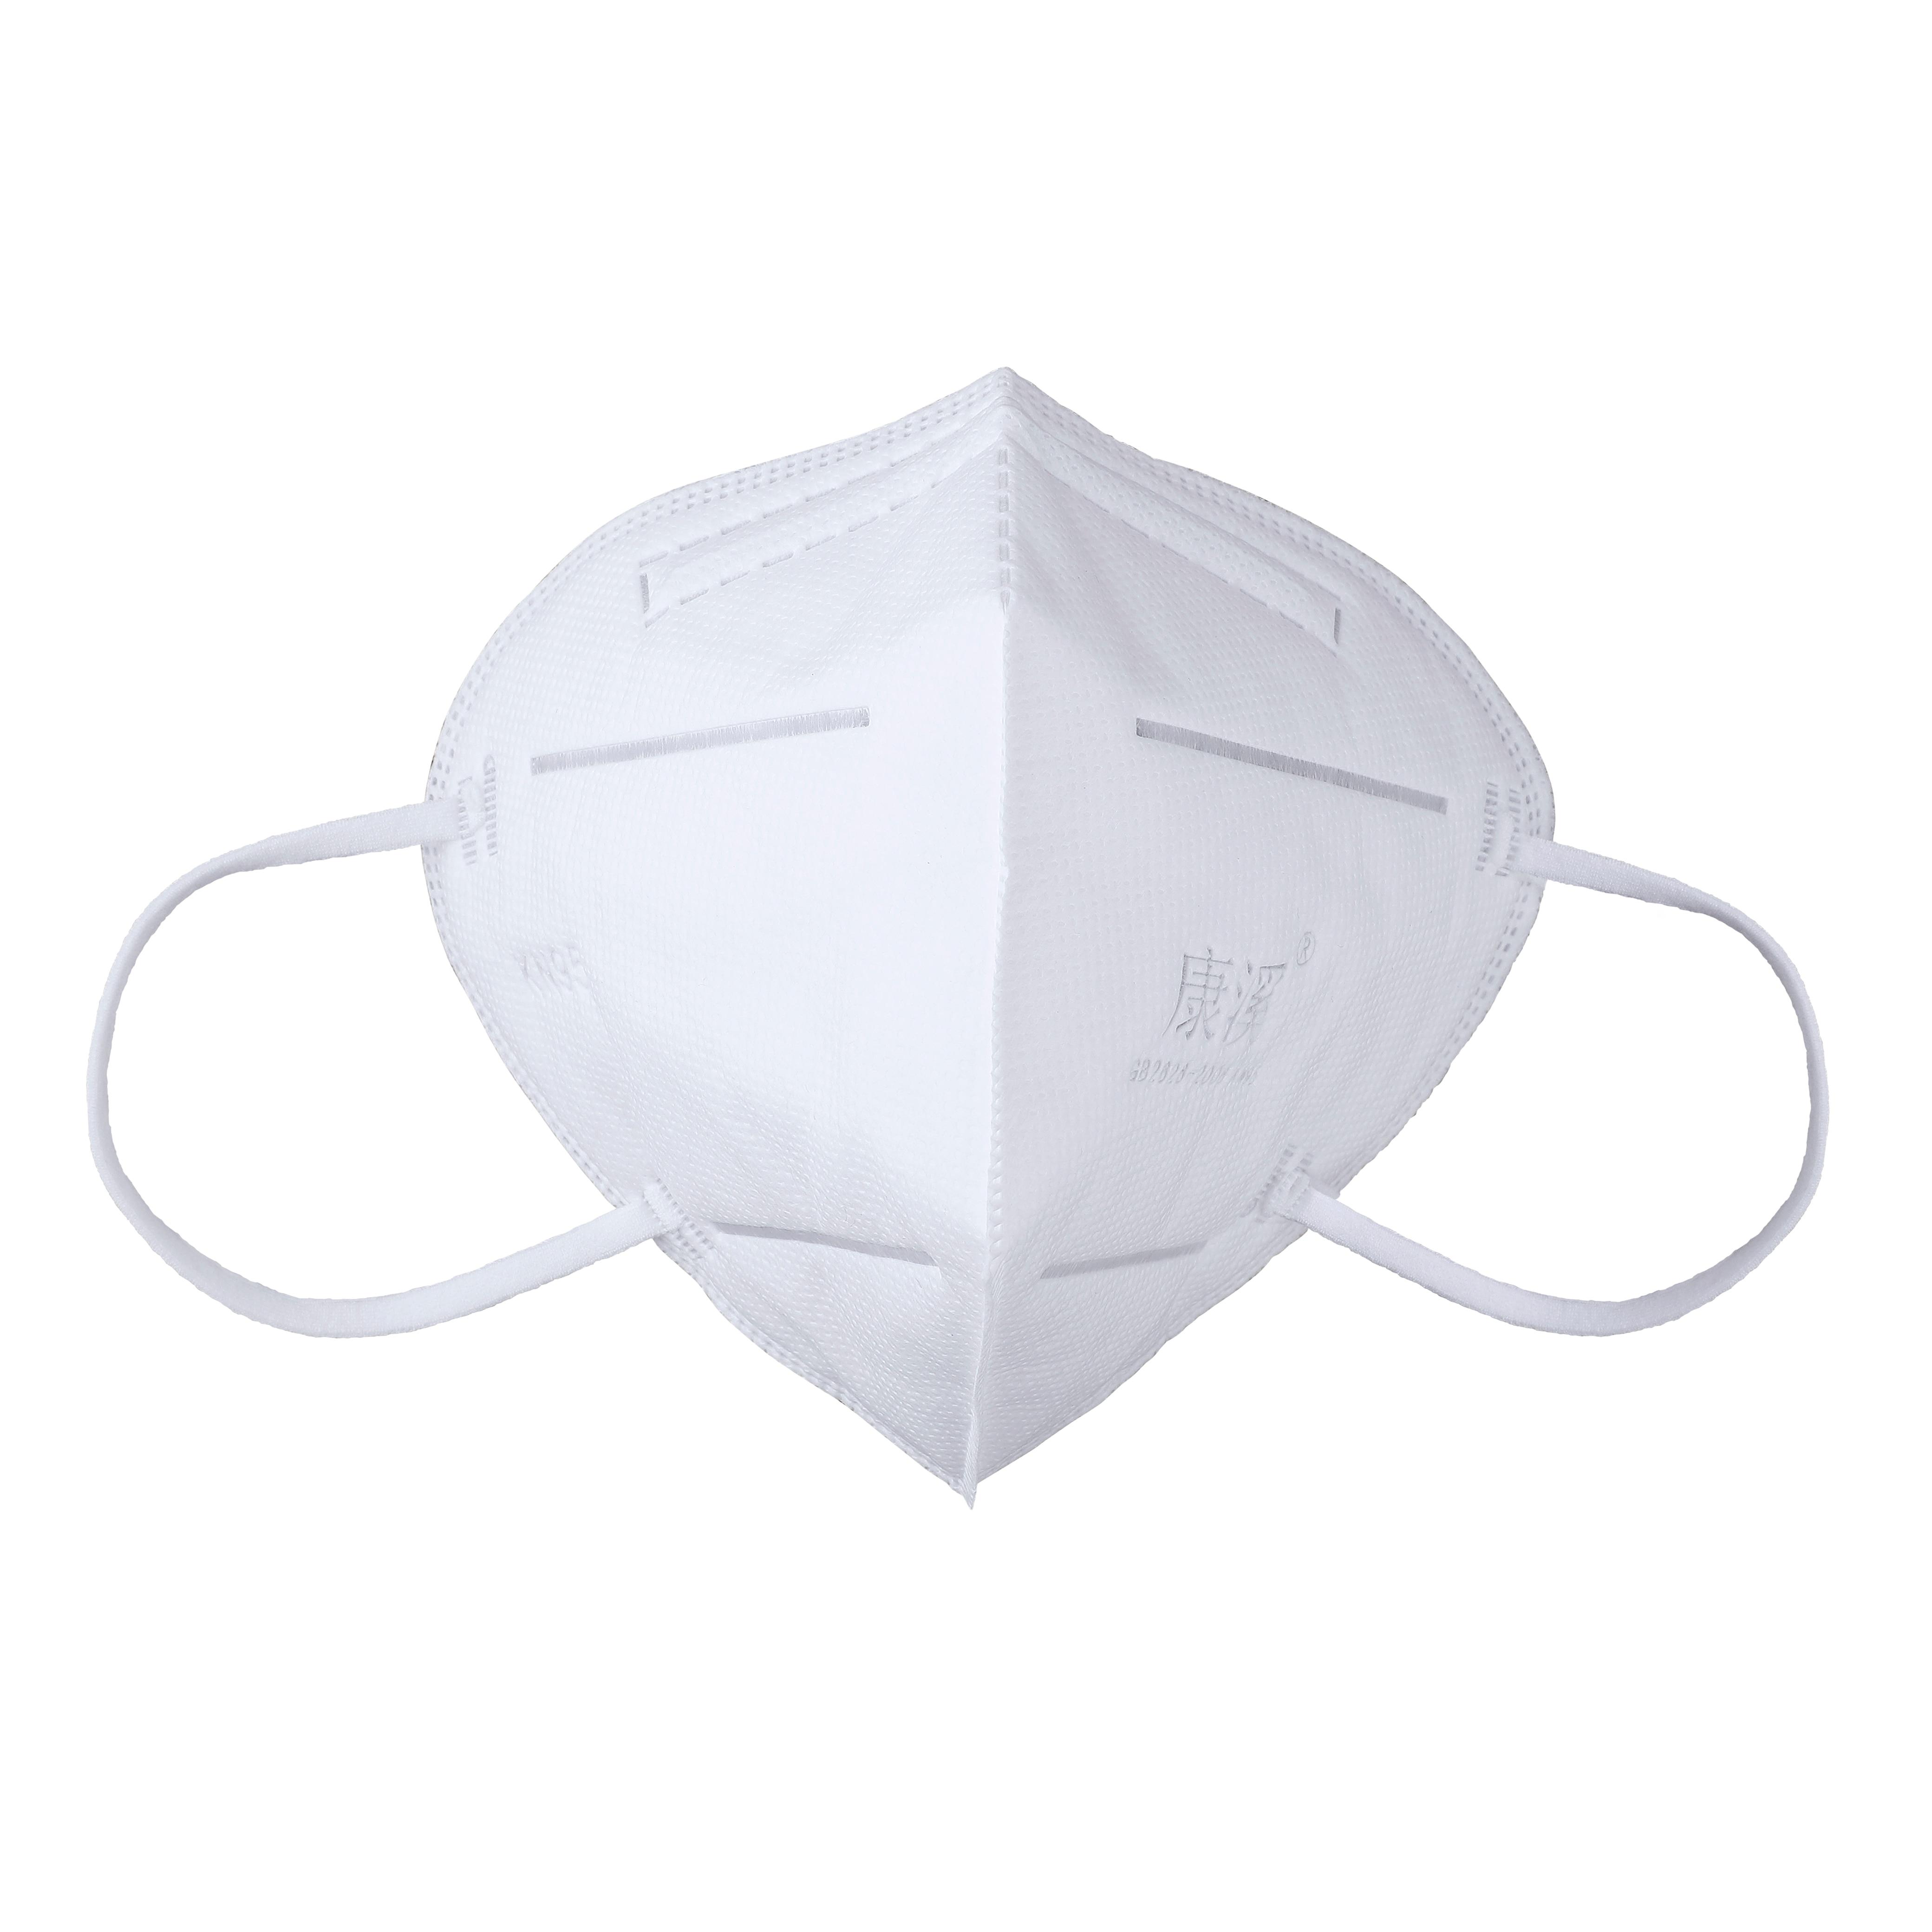 1 шт. KN95 PM 2,5 респиратор нетканый анти-пылезащитный мускус KN95 маска для лица Антивирусная KN95 респиратор защитная маска